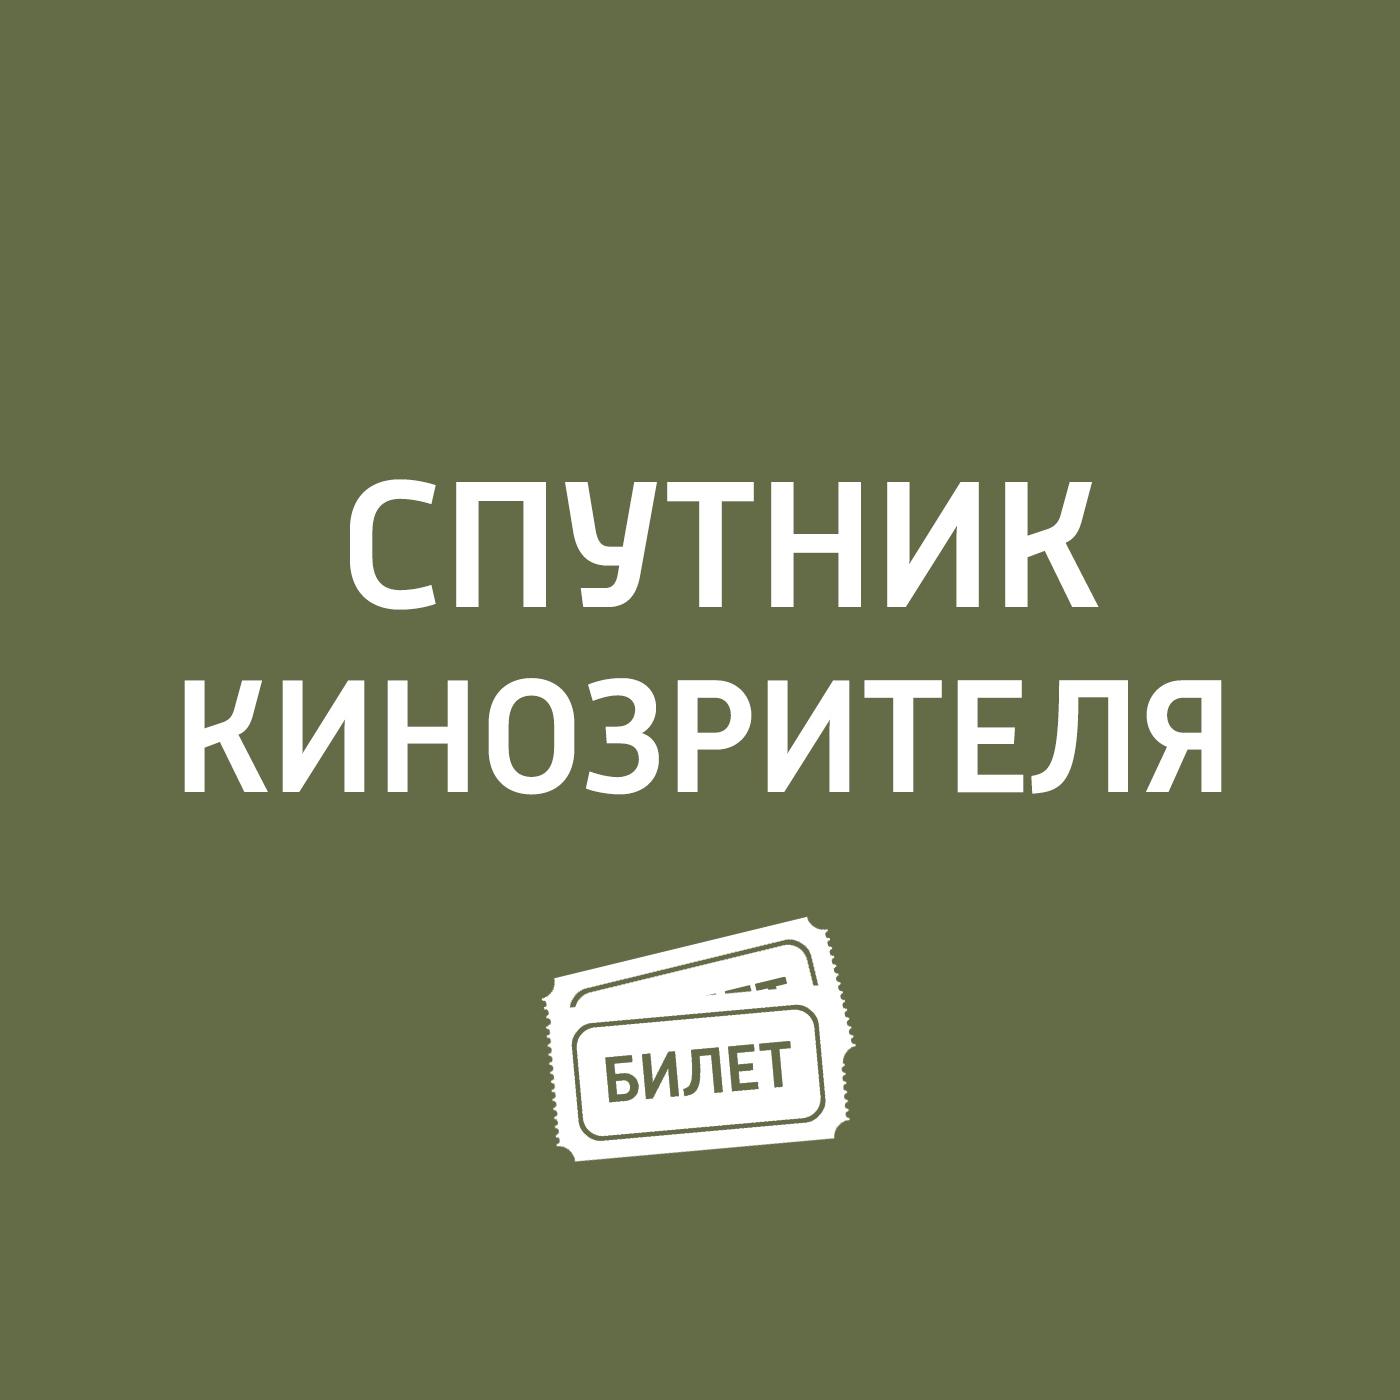 цена на Антон Долин Июльские премьеры: